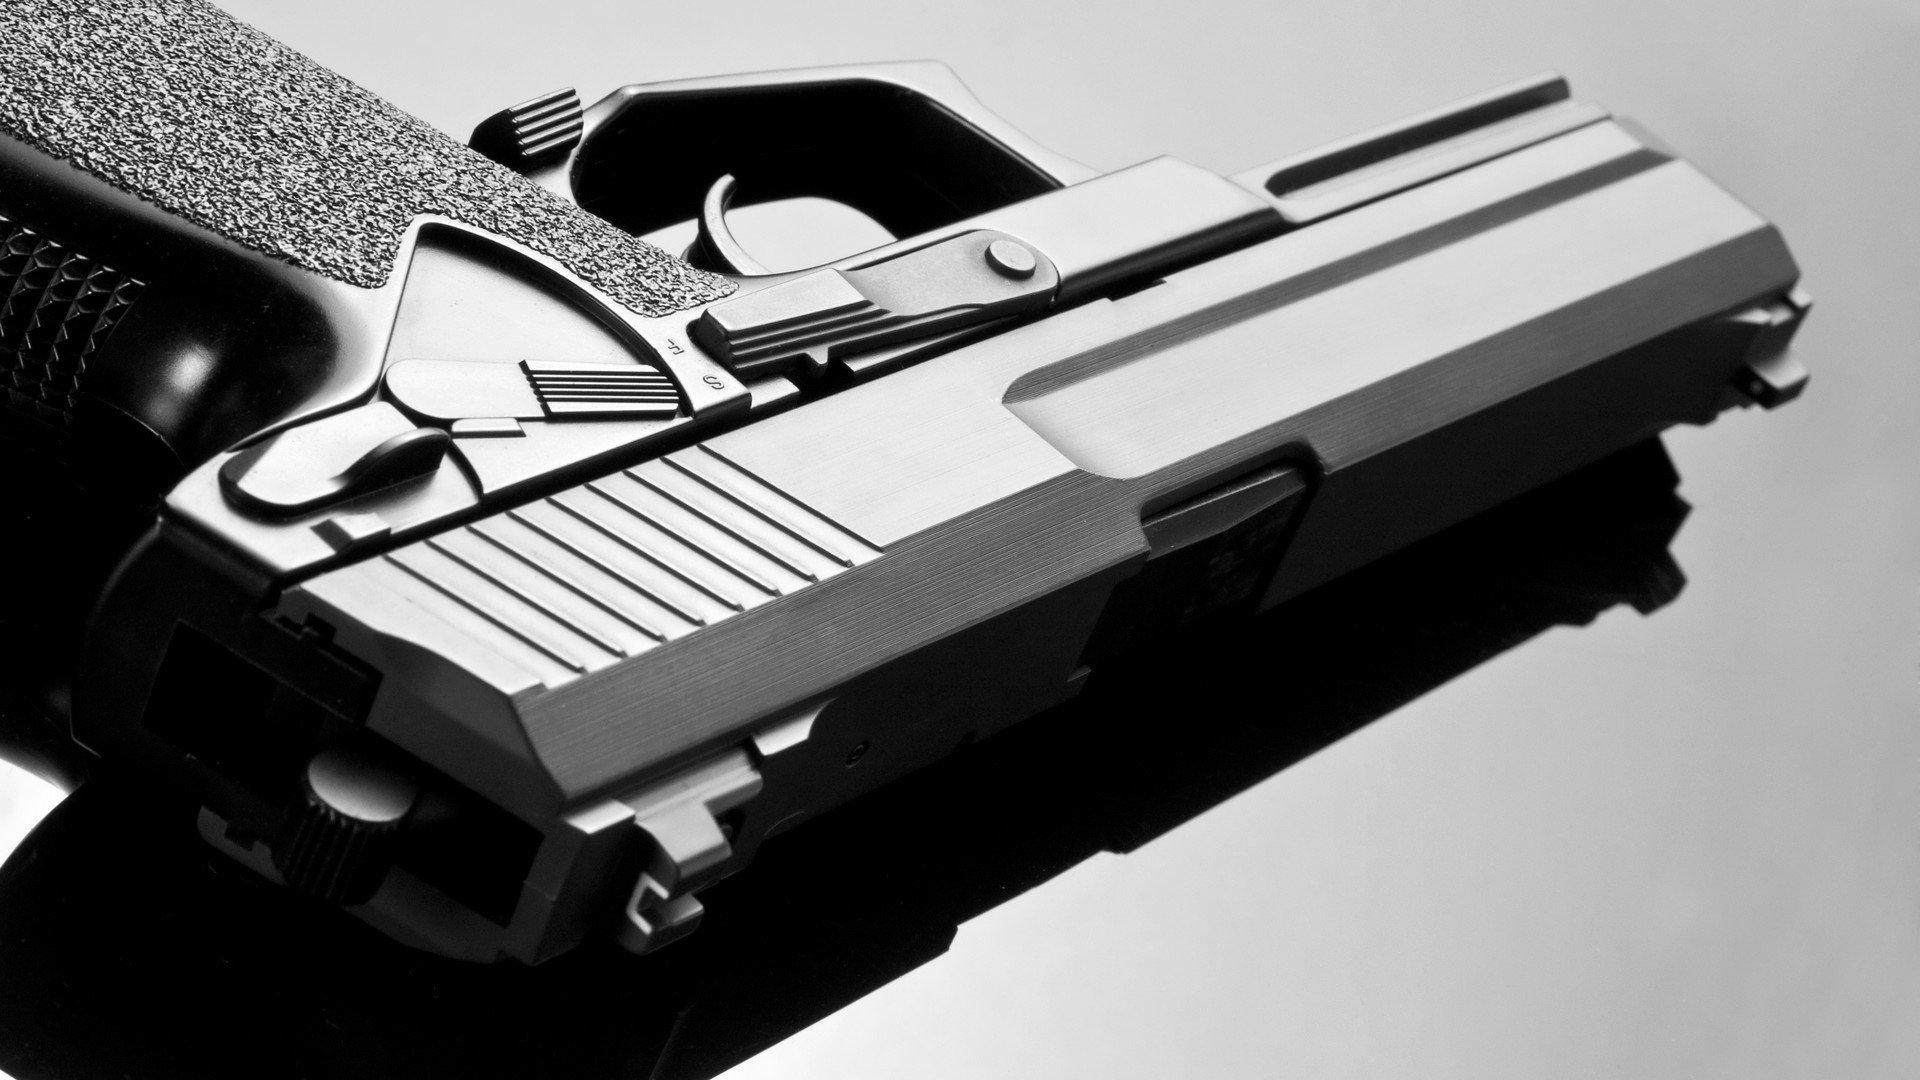 百度计划与吉利建立一家智能电动汽车公司。您如何看待这种合作?